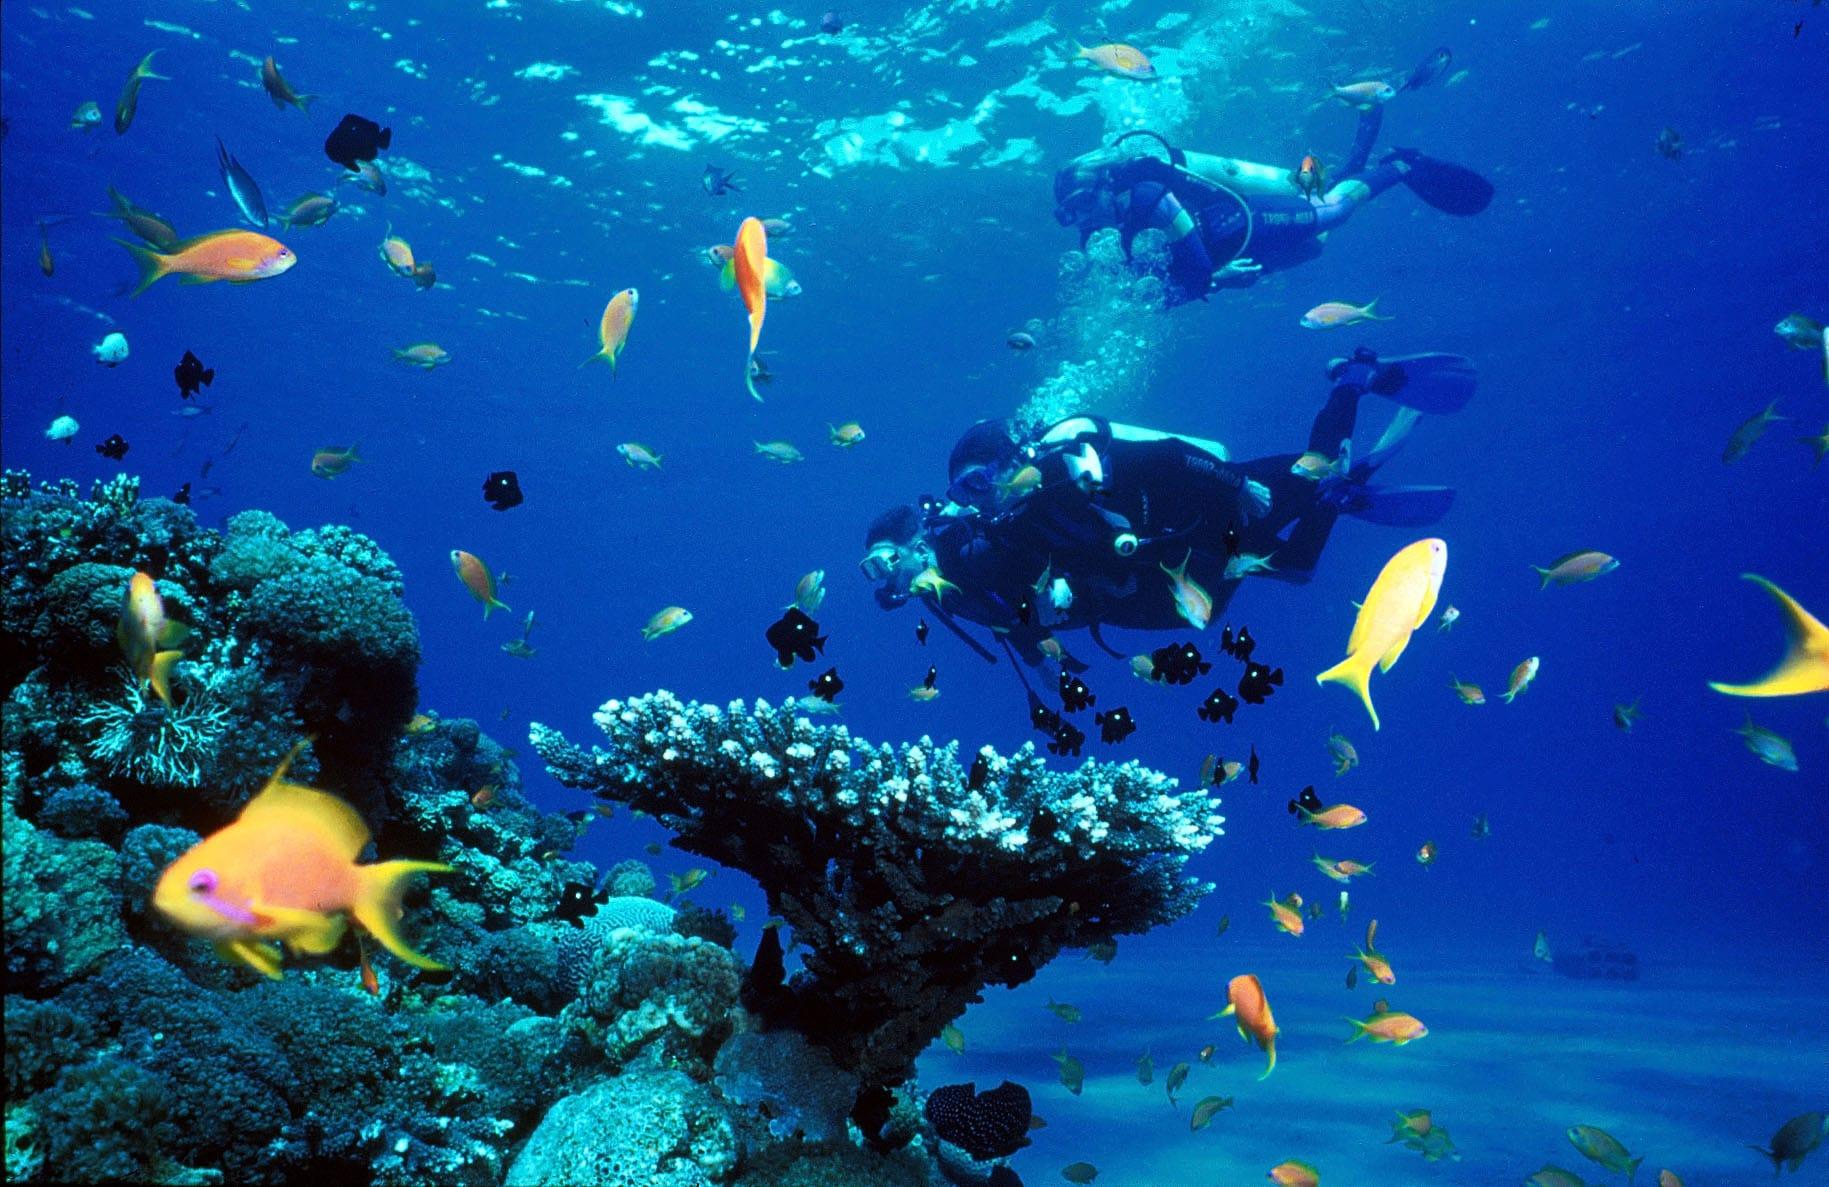 Scuba Diving - NHỮNG ĐIỀU NÊN LÀM KHI ĐẾN ĐẢO KOHRONG SAMLOEM